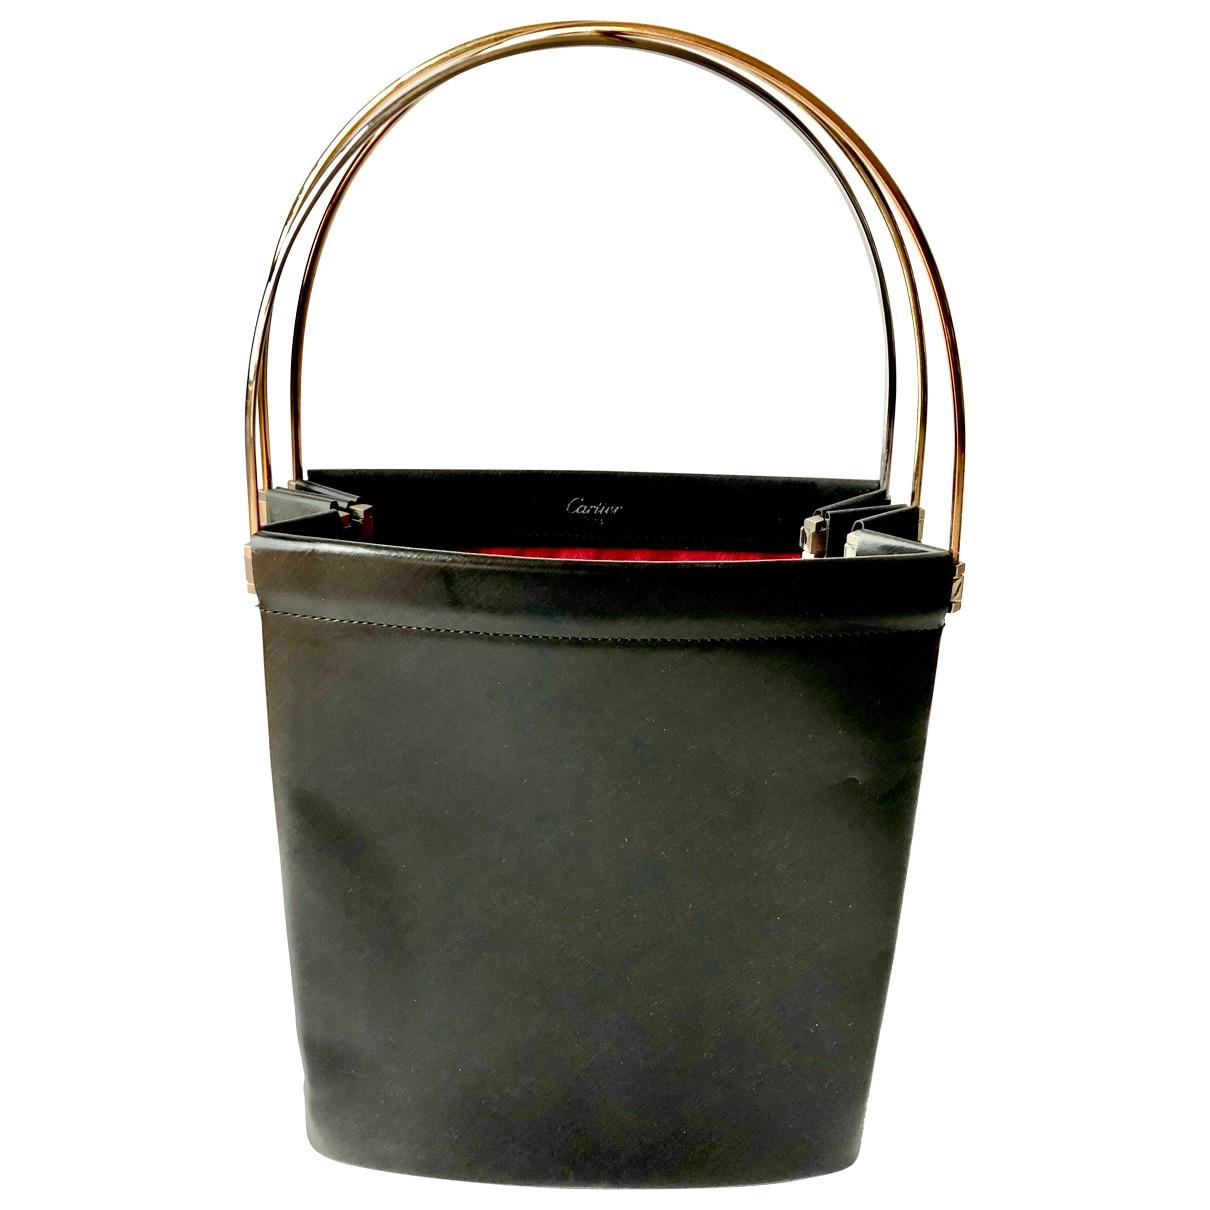 Cartier - Sac a main Trinity pour femme en cuir - noir